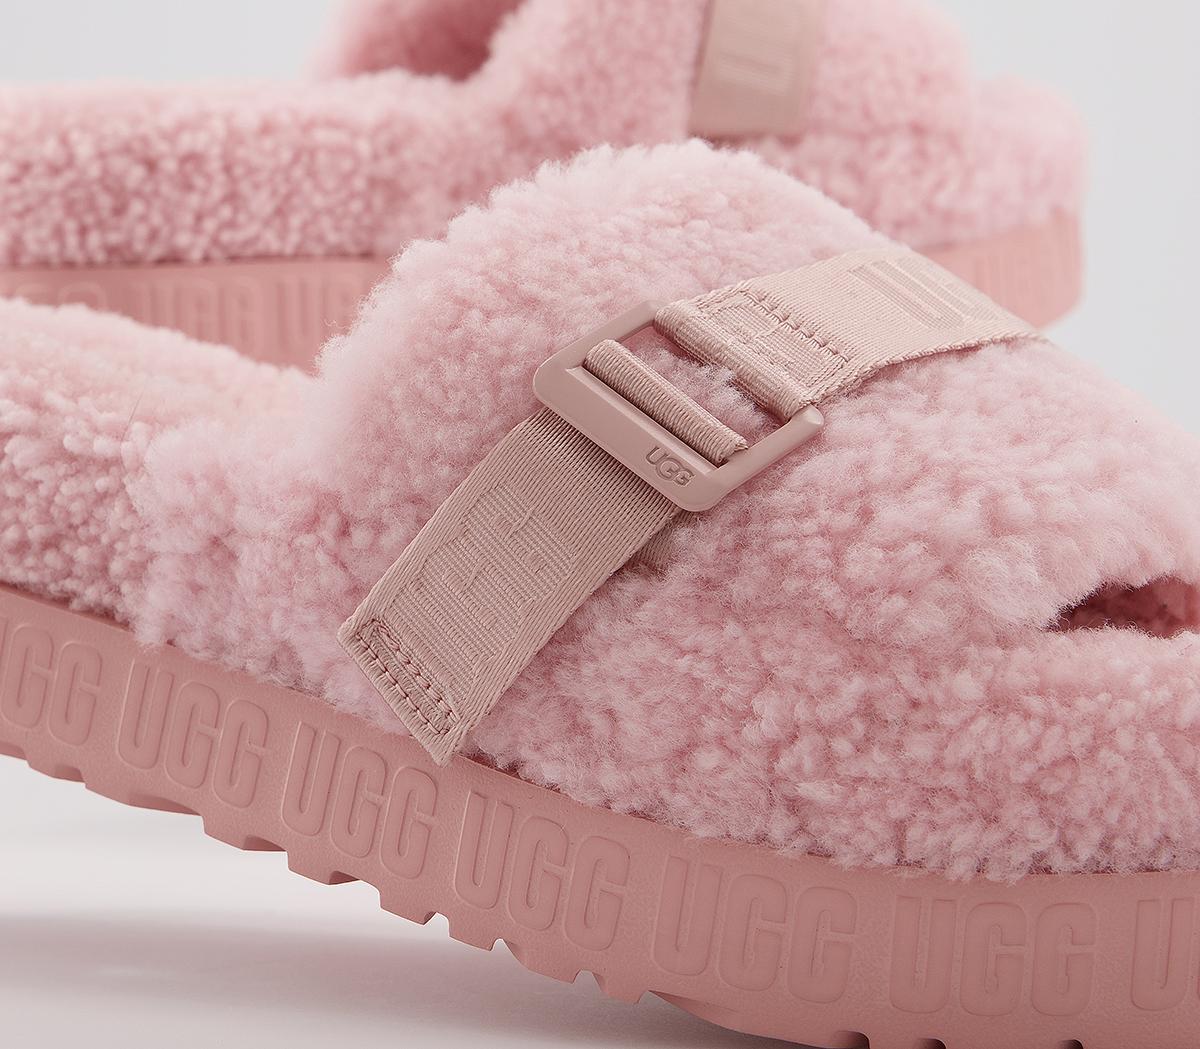 Flufitta Slippers